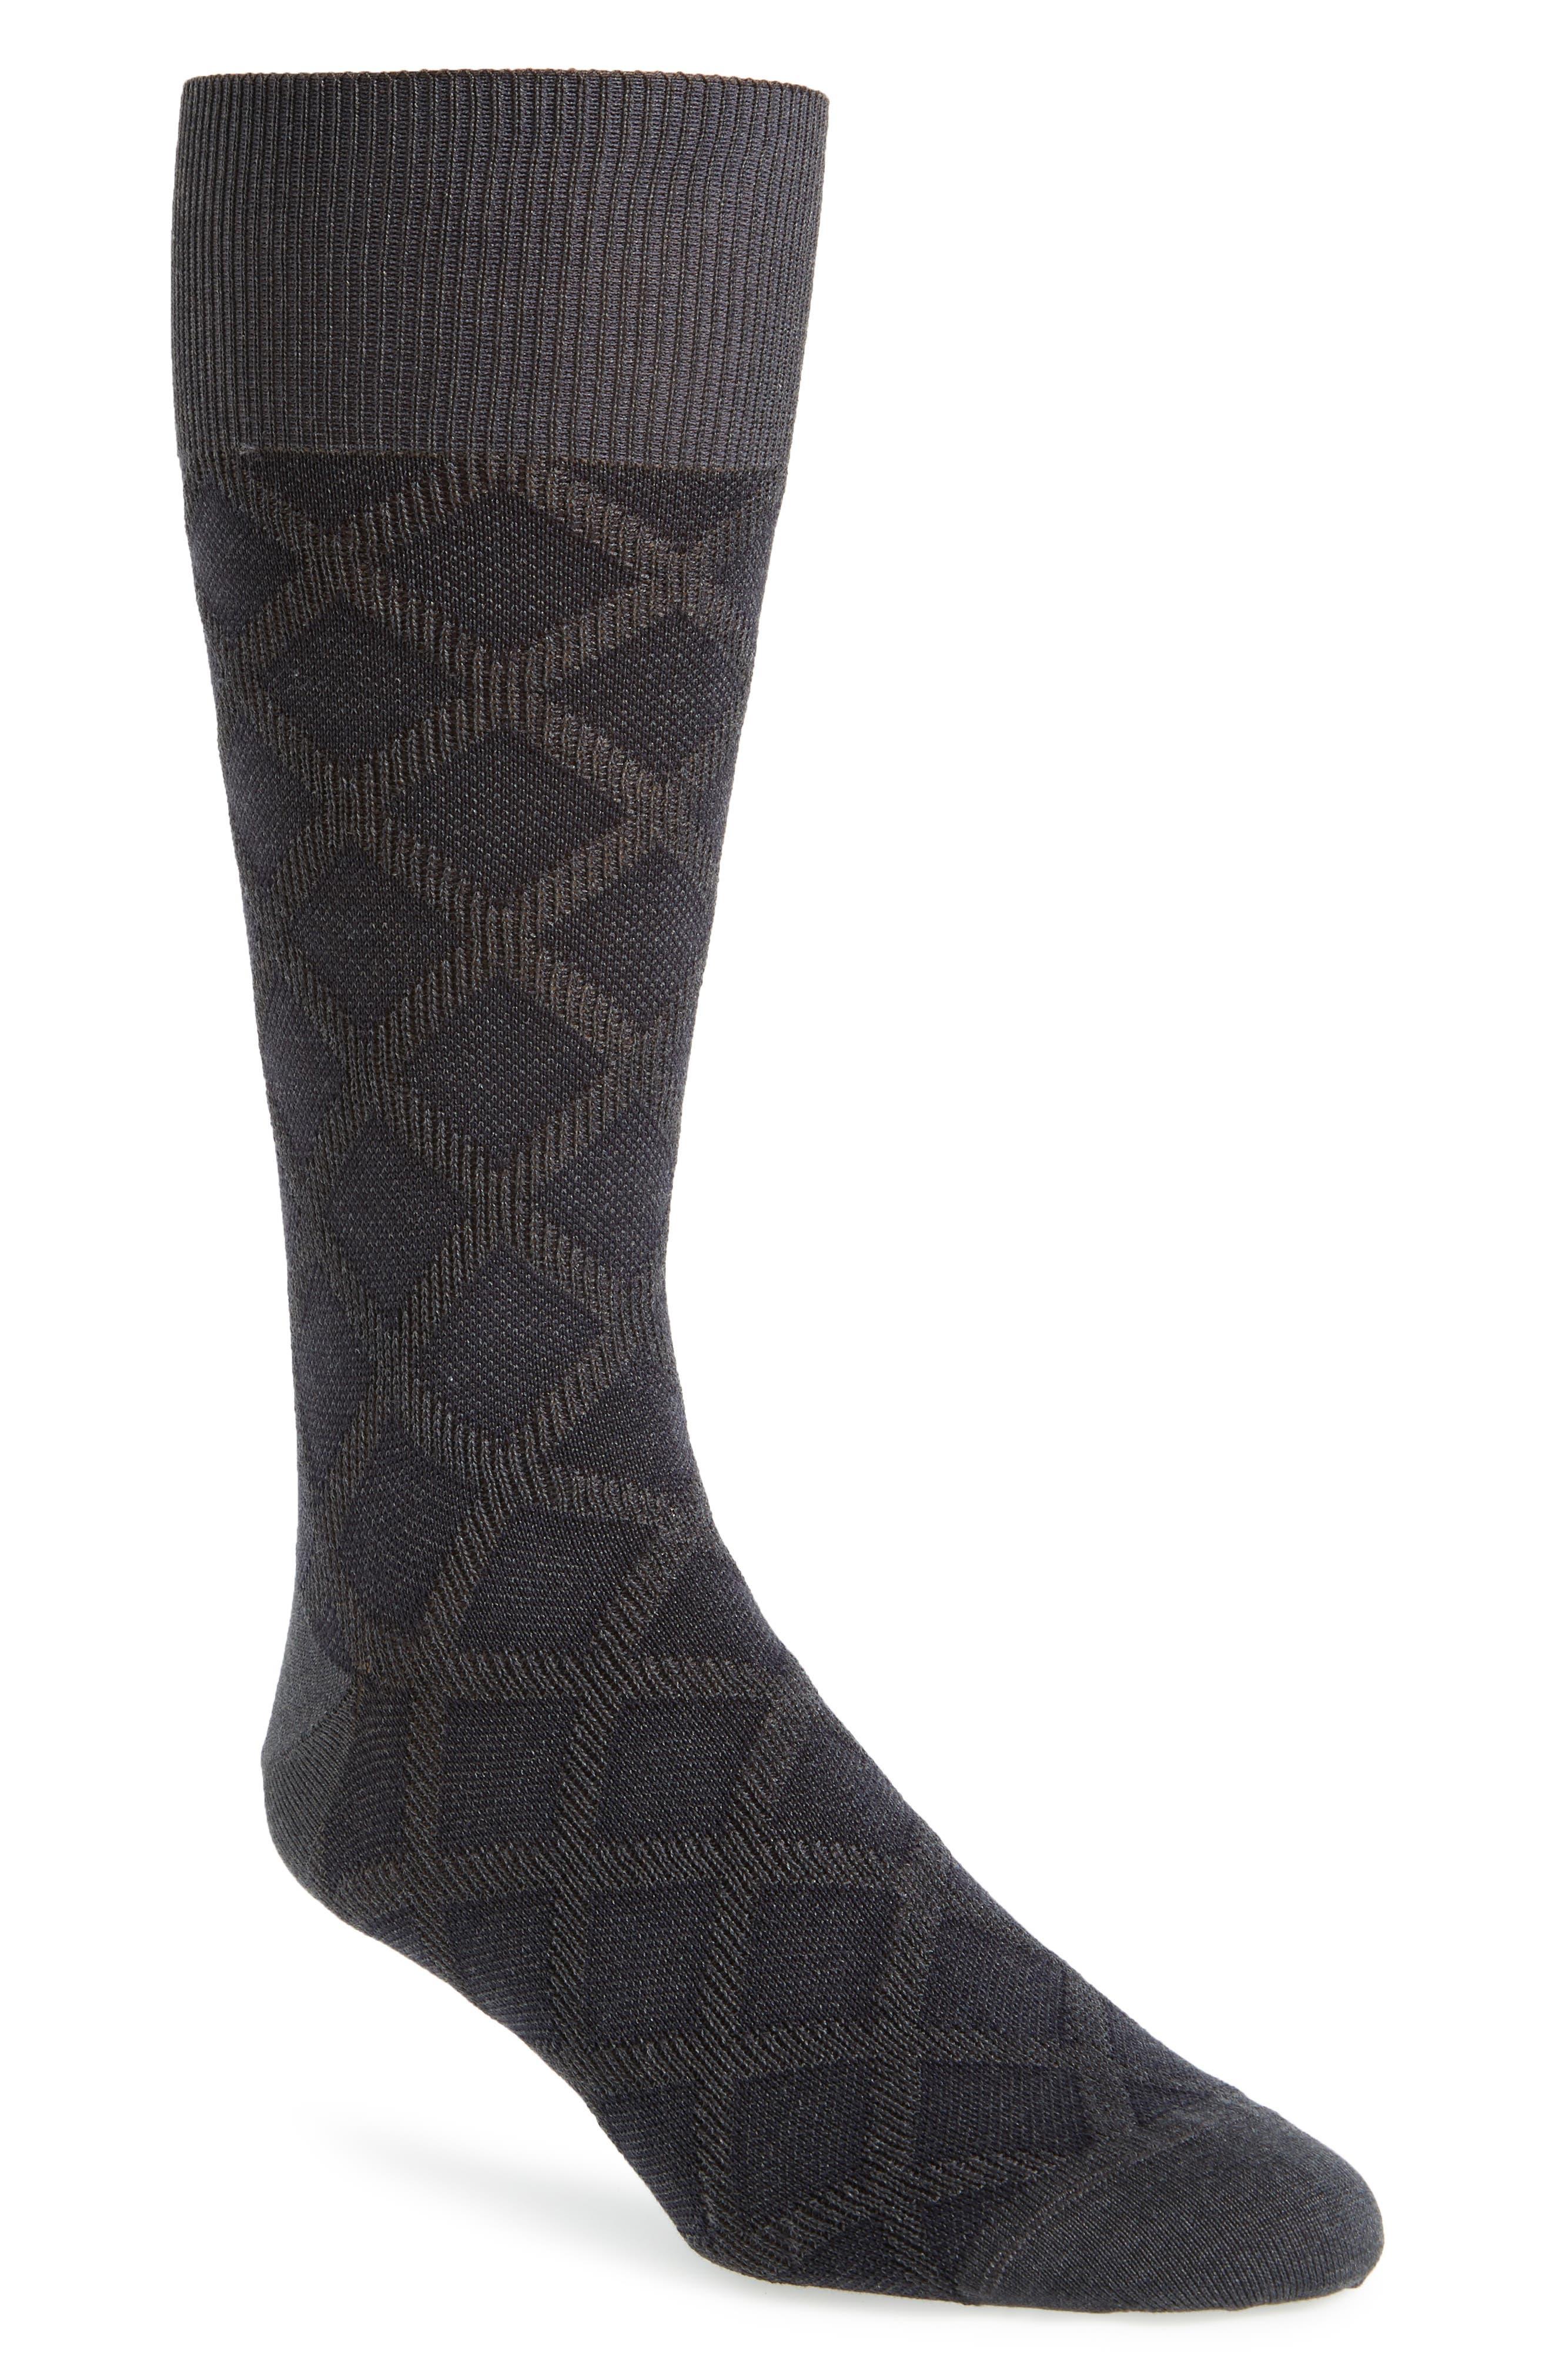 Main Image - John W. Nordstrom® Argyle Socks